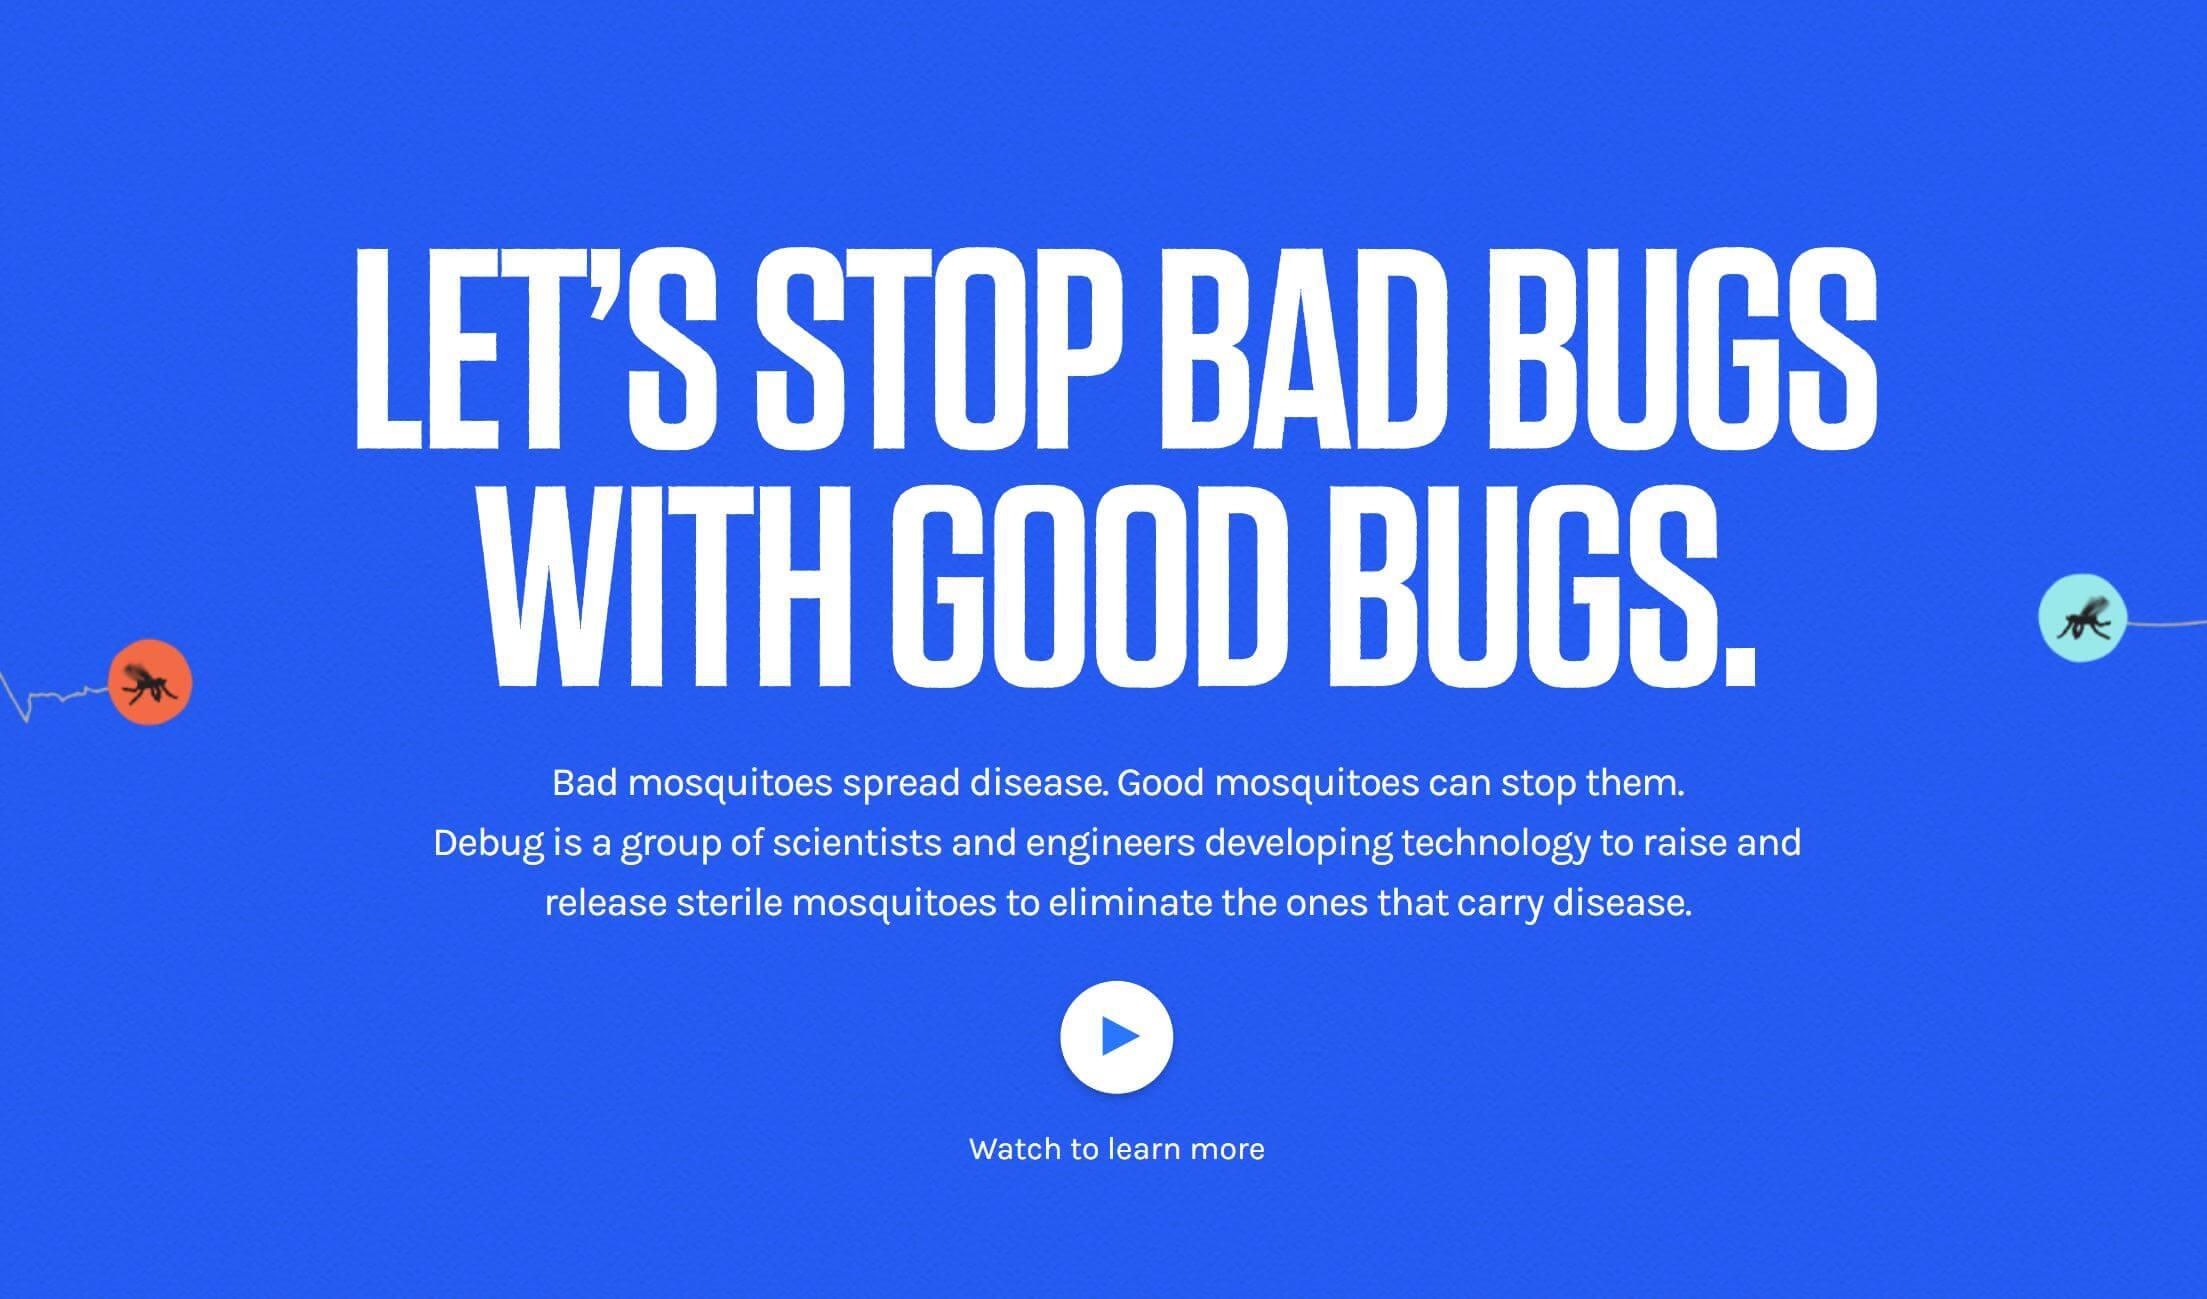 bad bugs good bugs